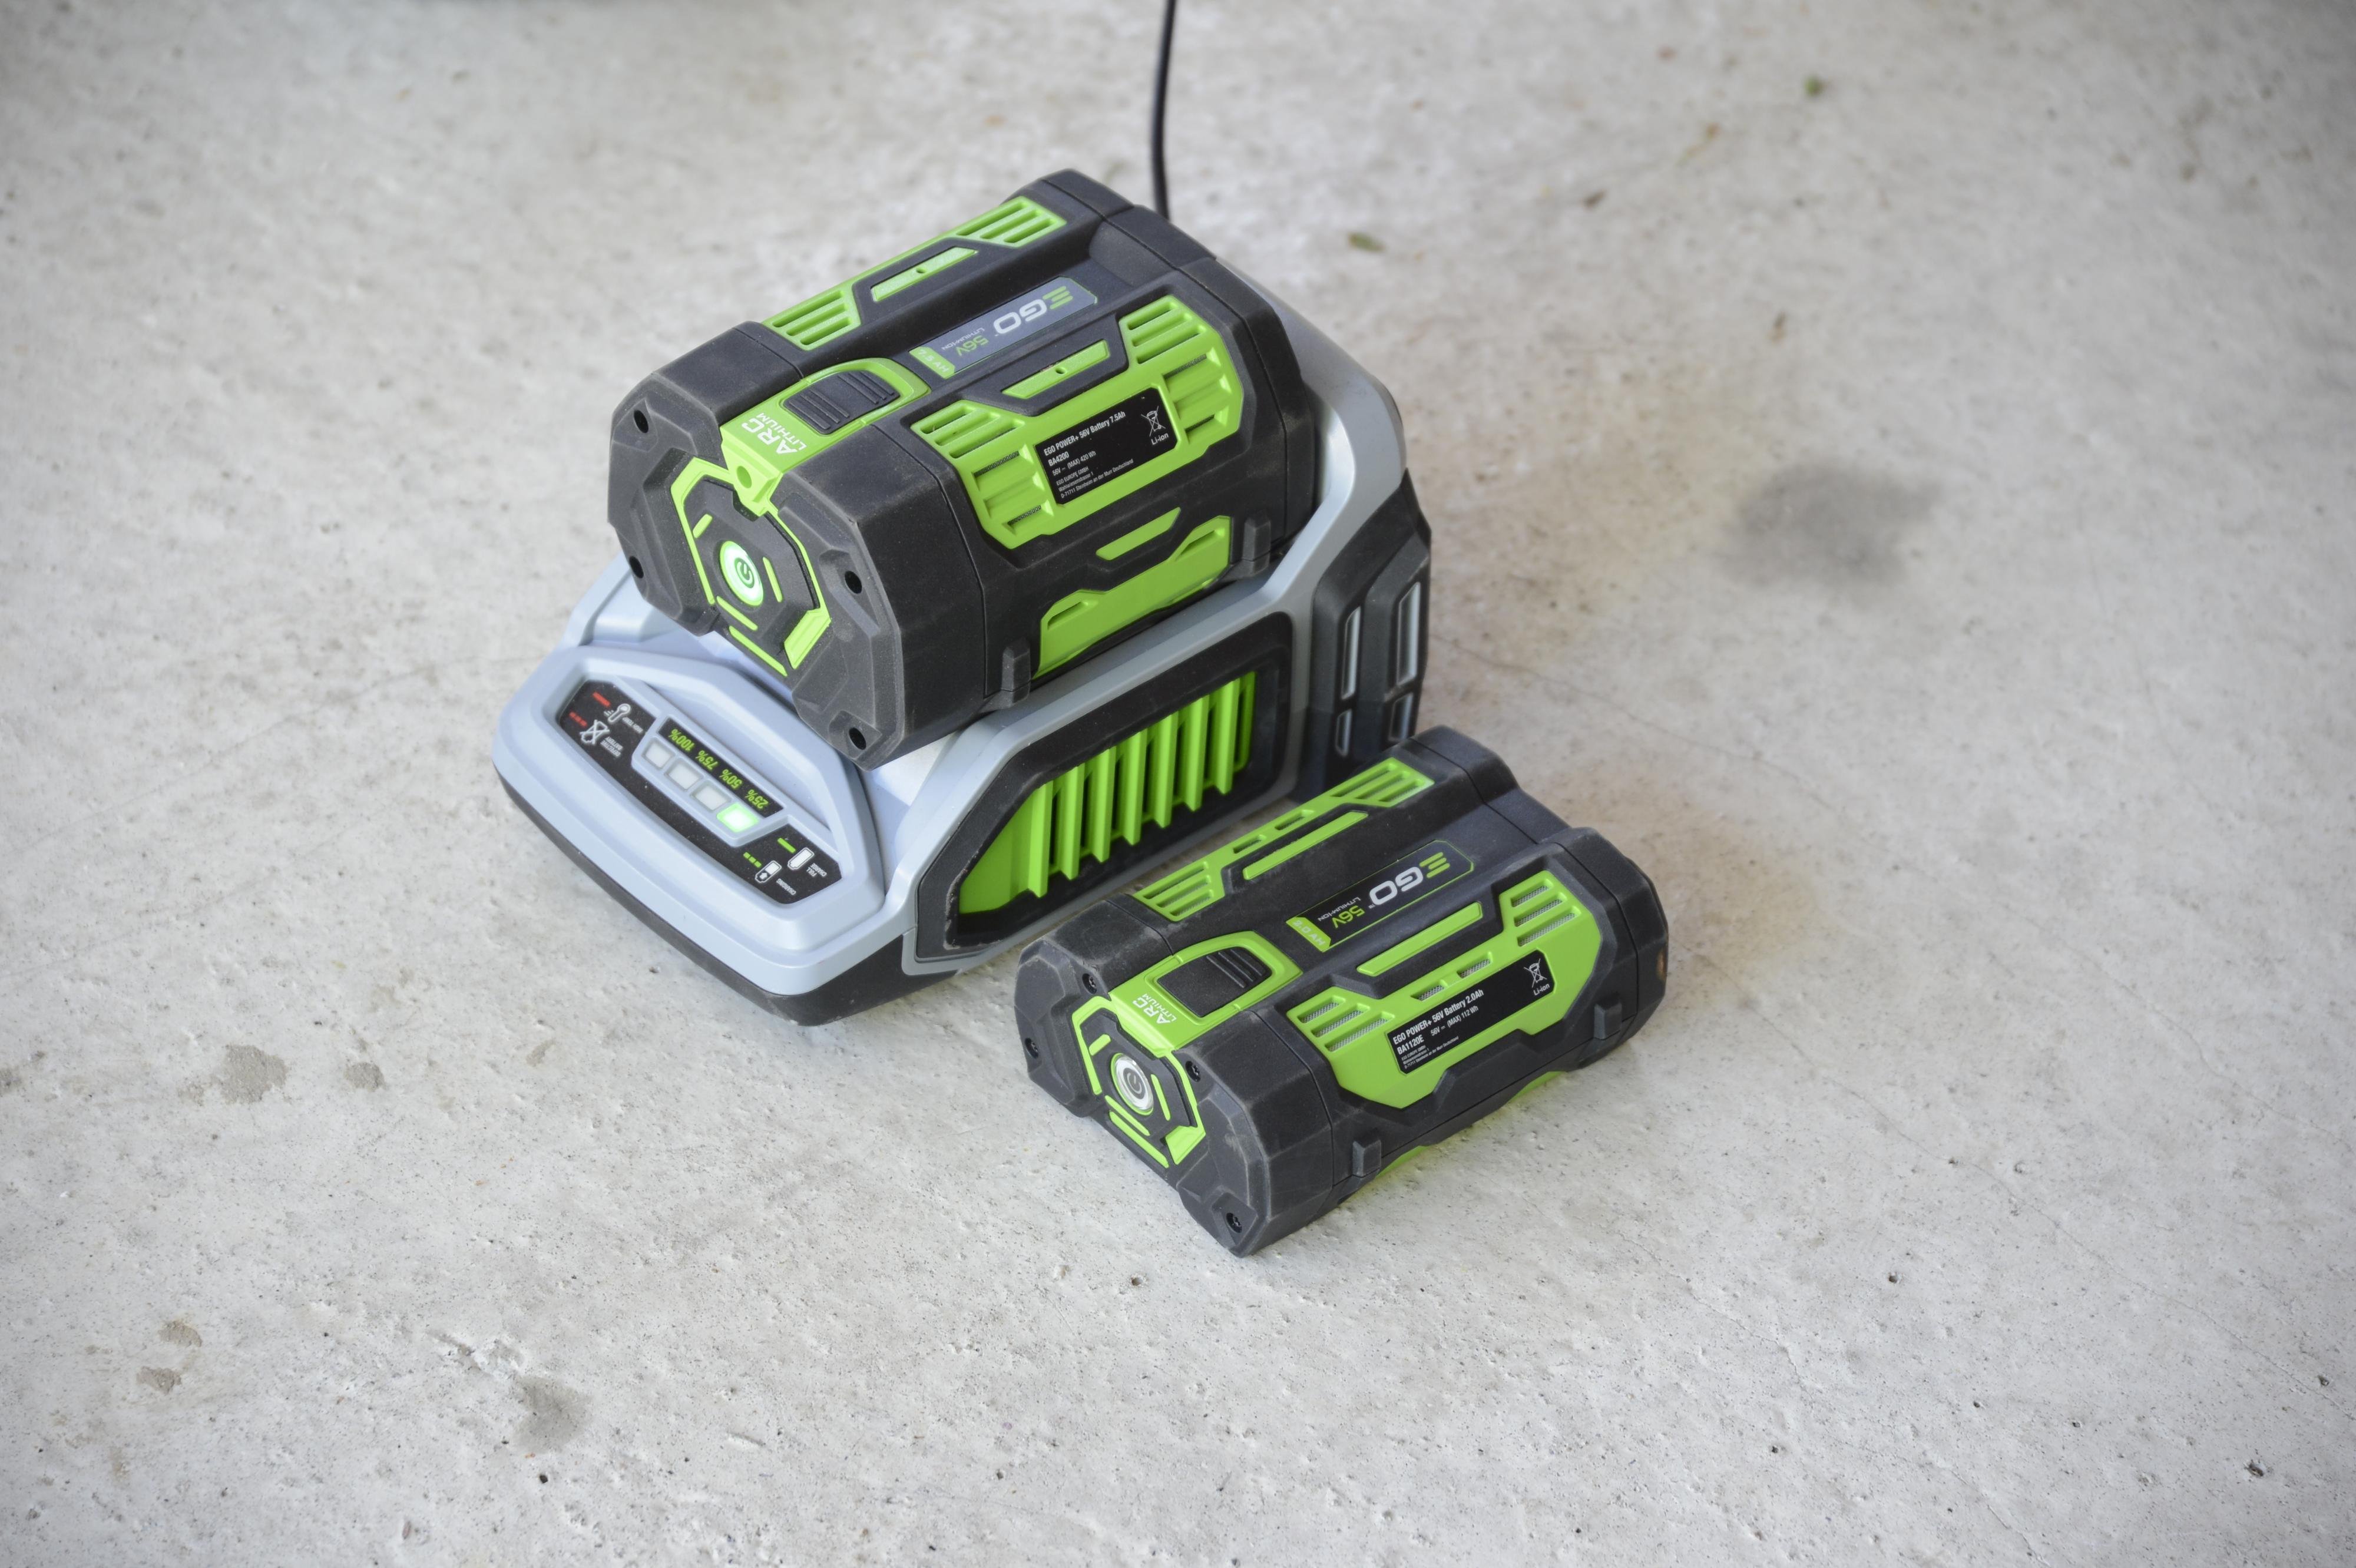 Hurtigladeren bruker kort tid på å lade opp de to batteriene.